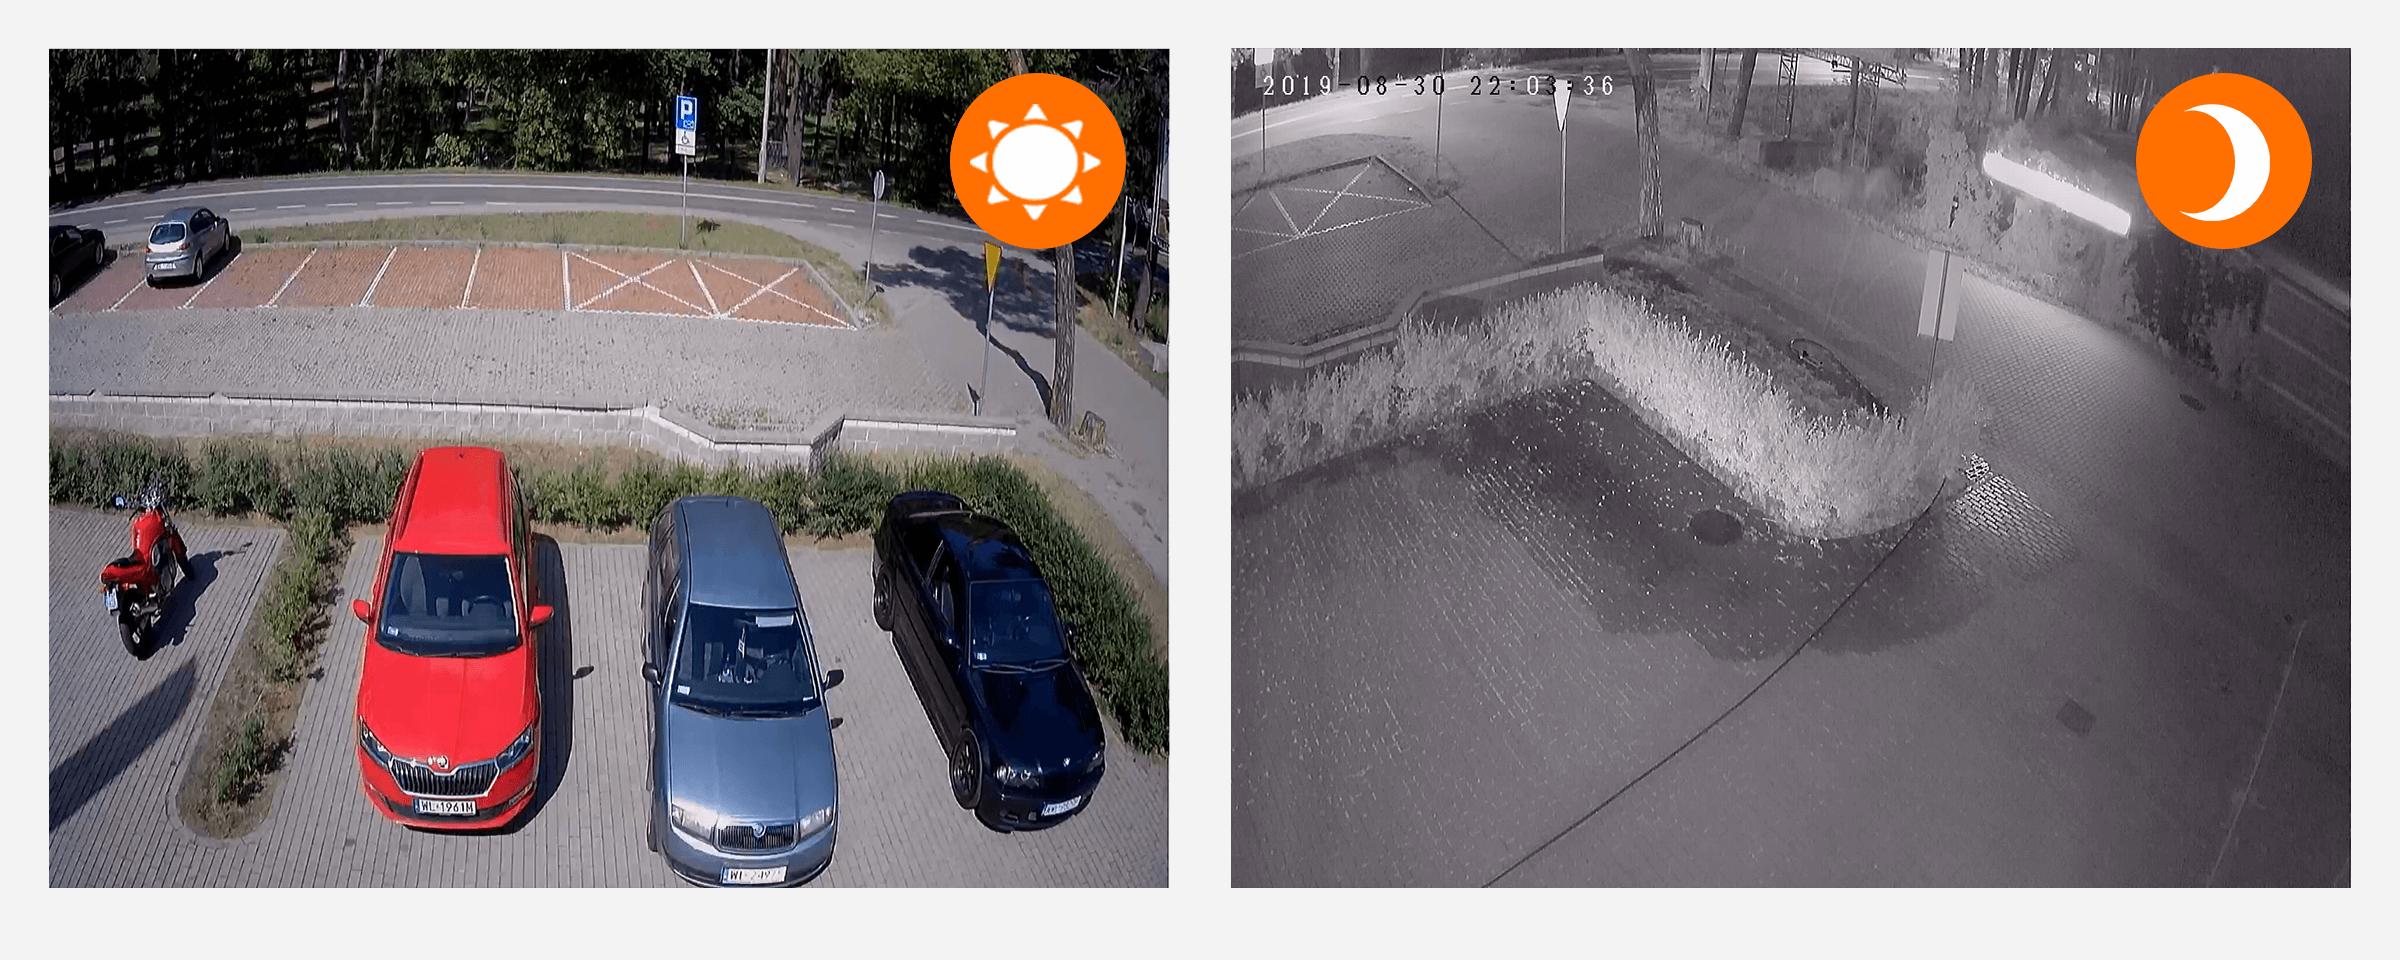 kamery na podczerwień dzień noc do monitoringu domu  orllo.pl